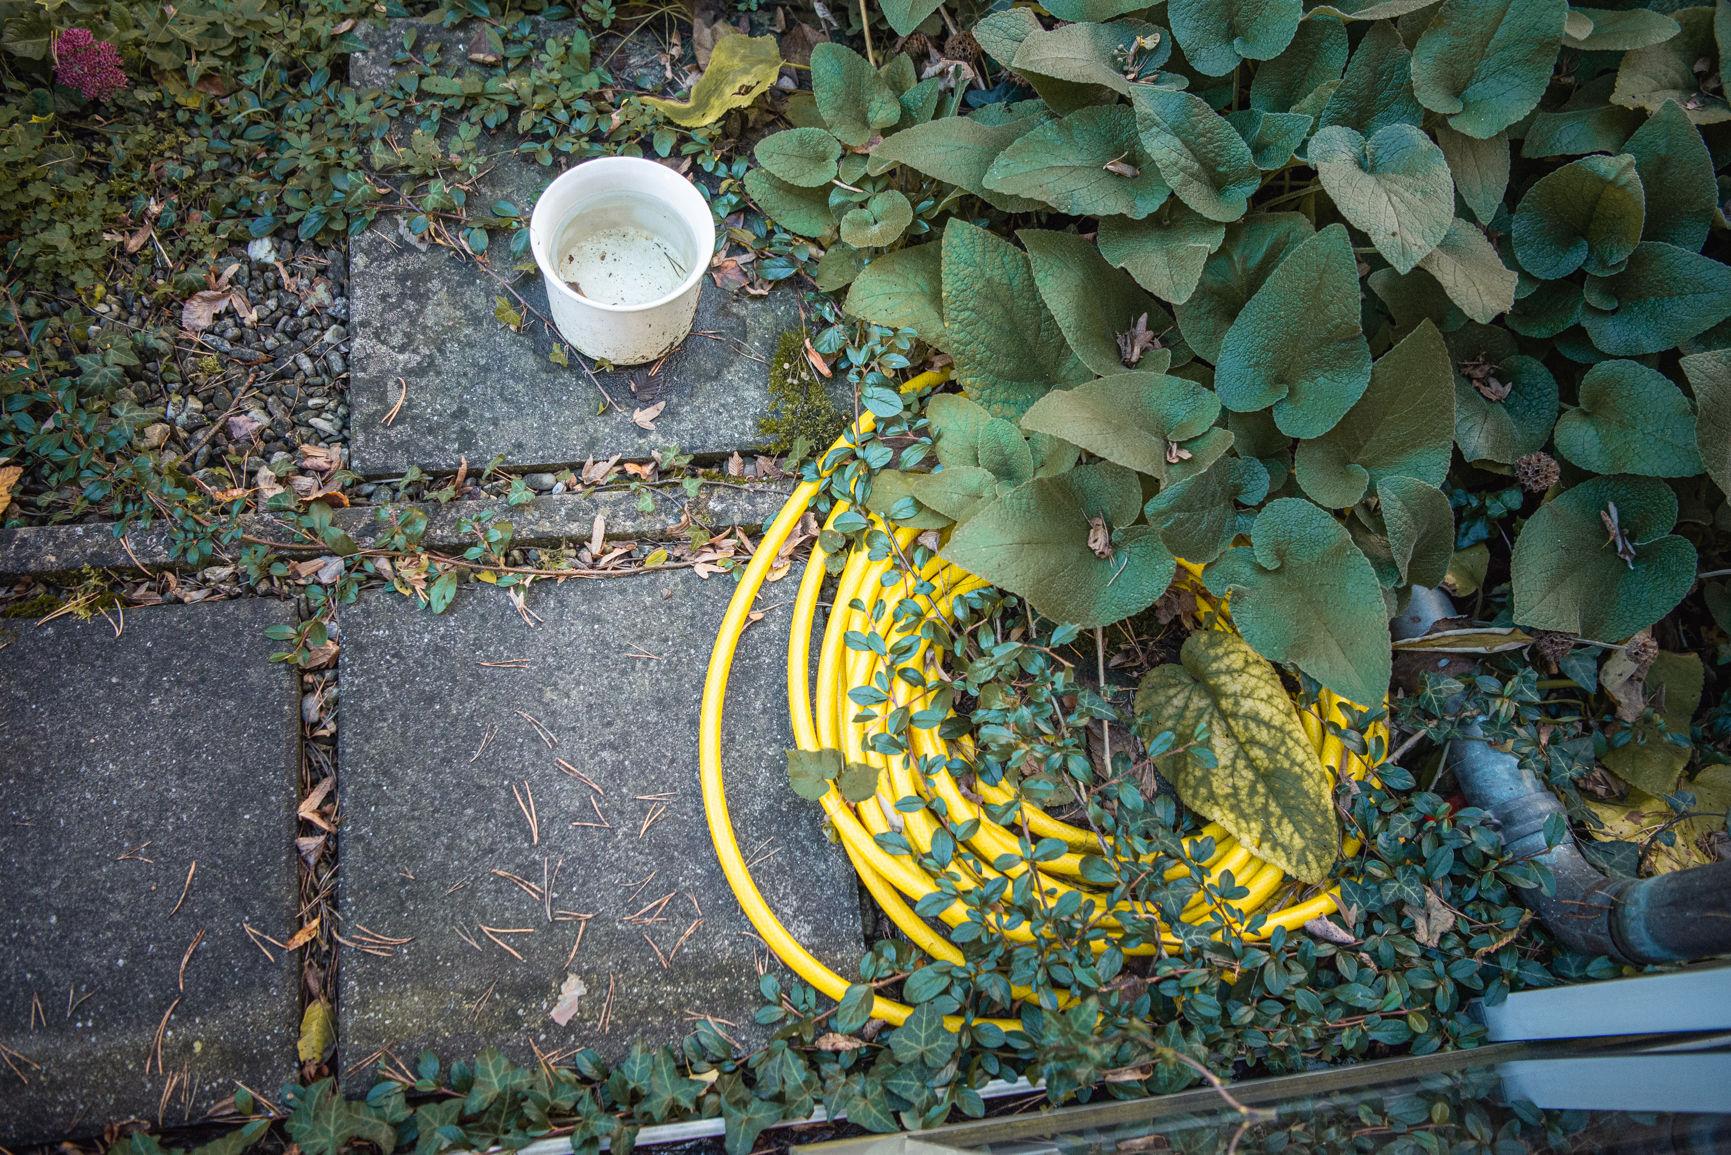 Fotografie © Karin Nussbaumer, gelber Gartenschlauch